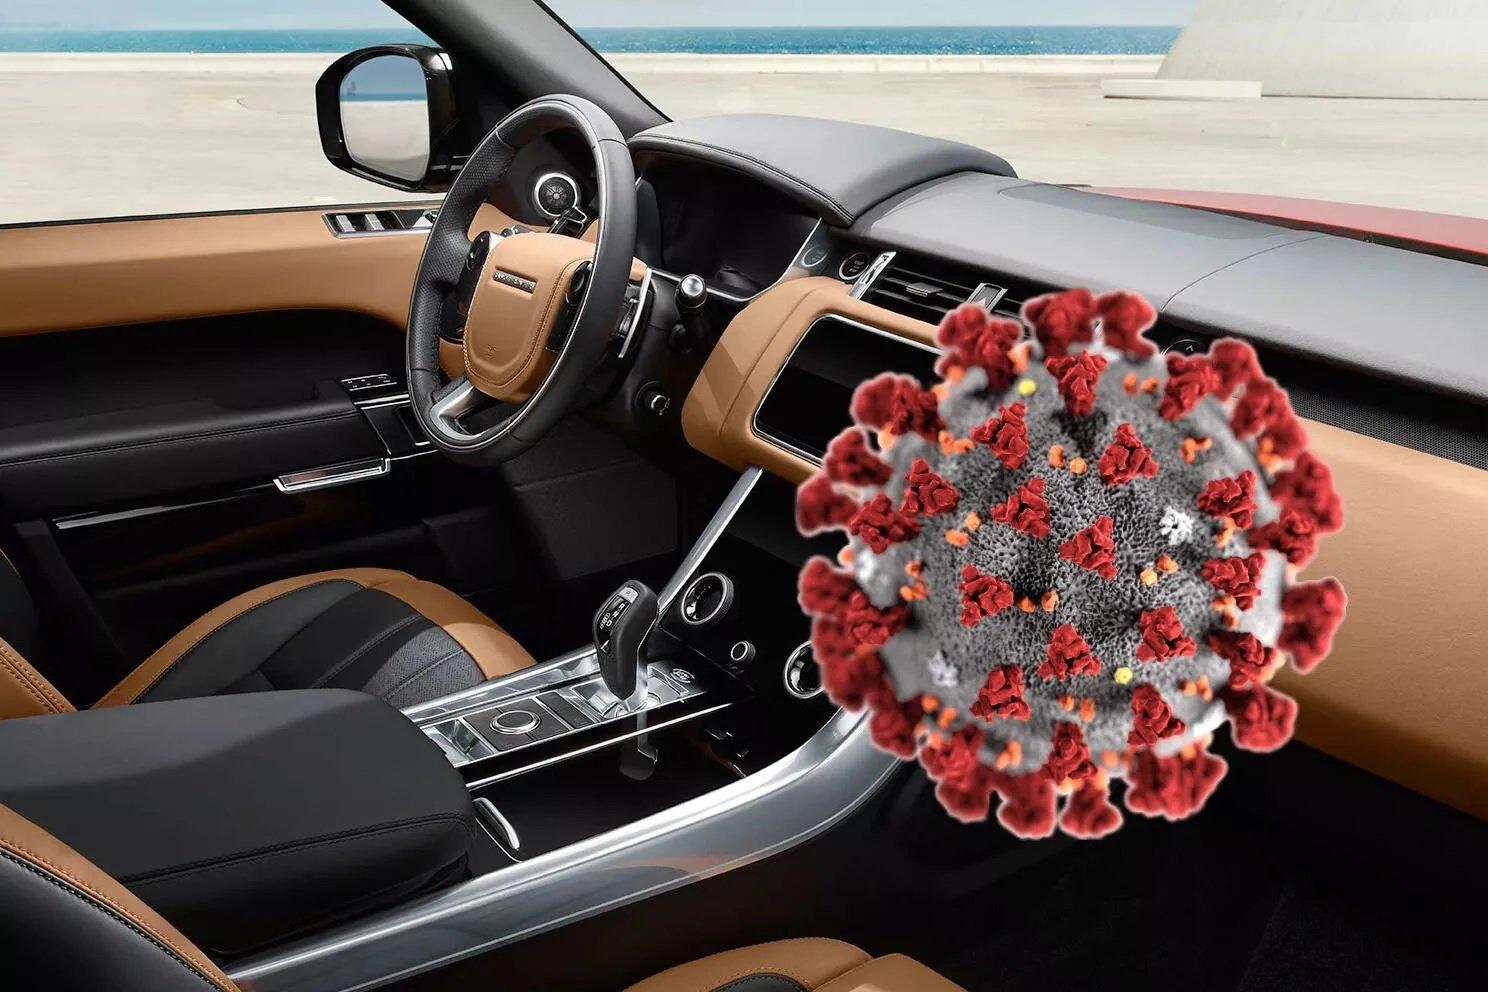 Công nghệ xe chống virus tăng cường an toàn mùa dịch.